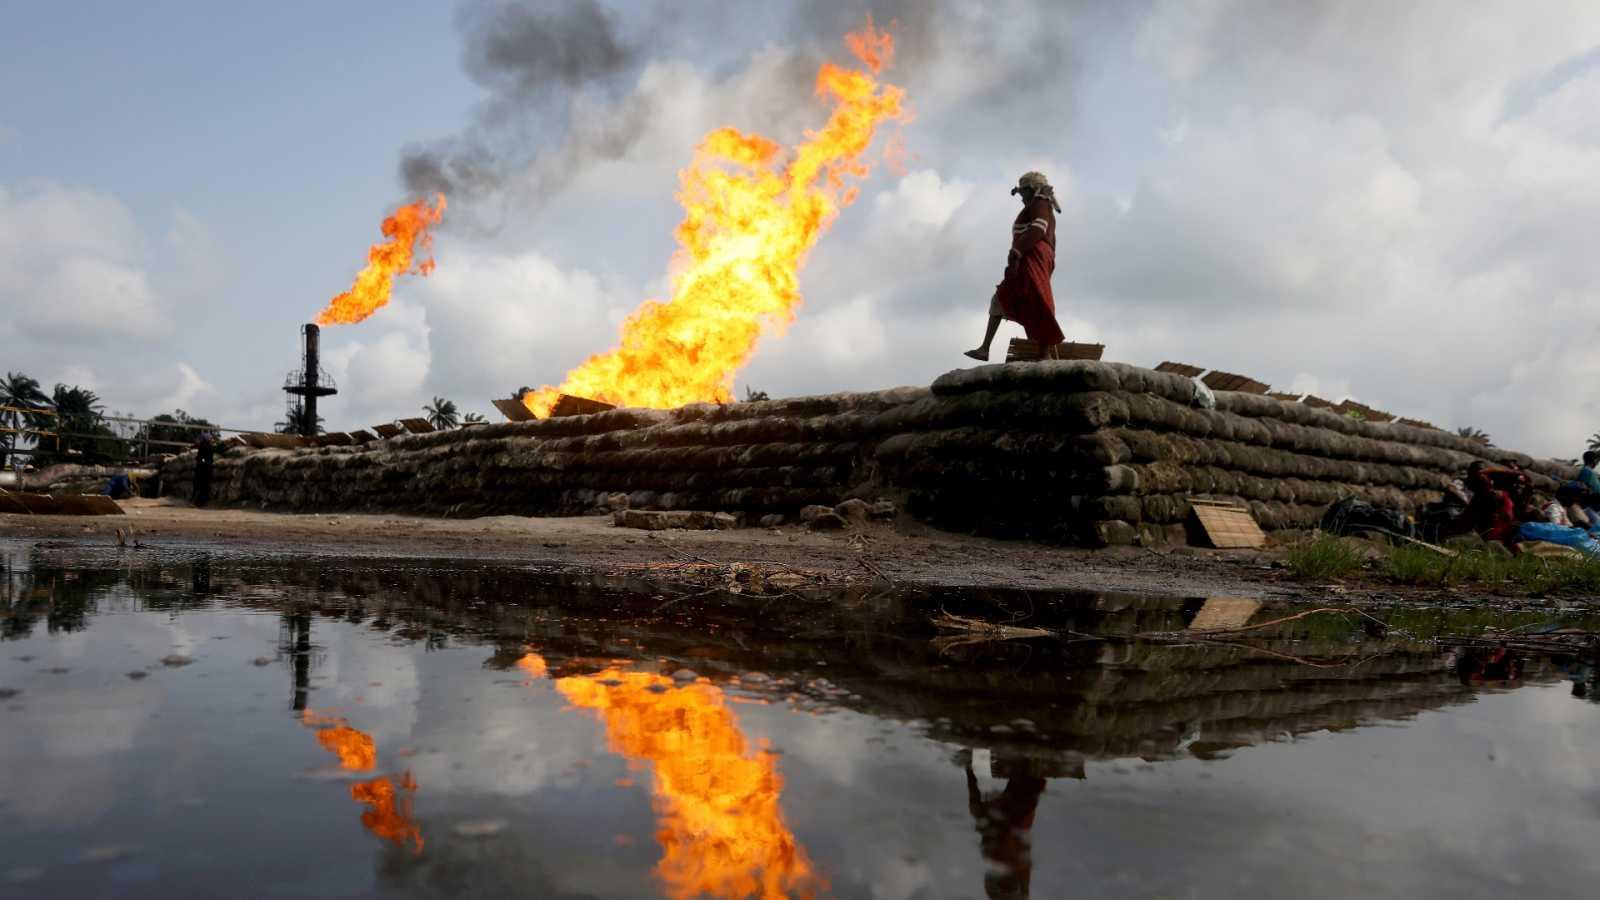 Reportajes 5 Continentes - Nigeria, el petróleo no es suficiente - Escuchar ahora